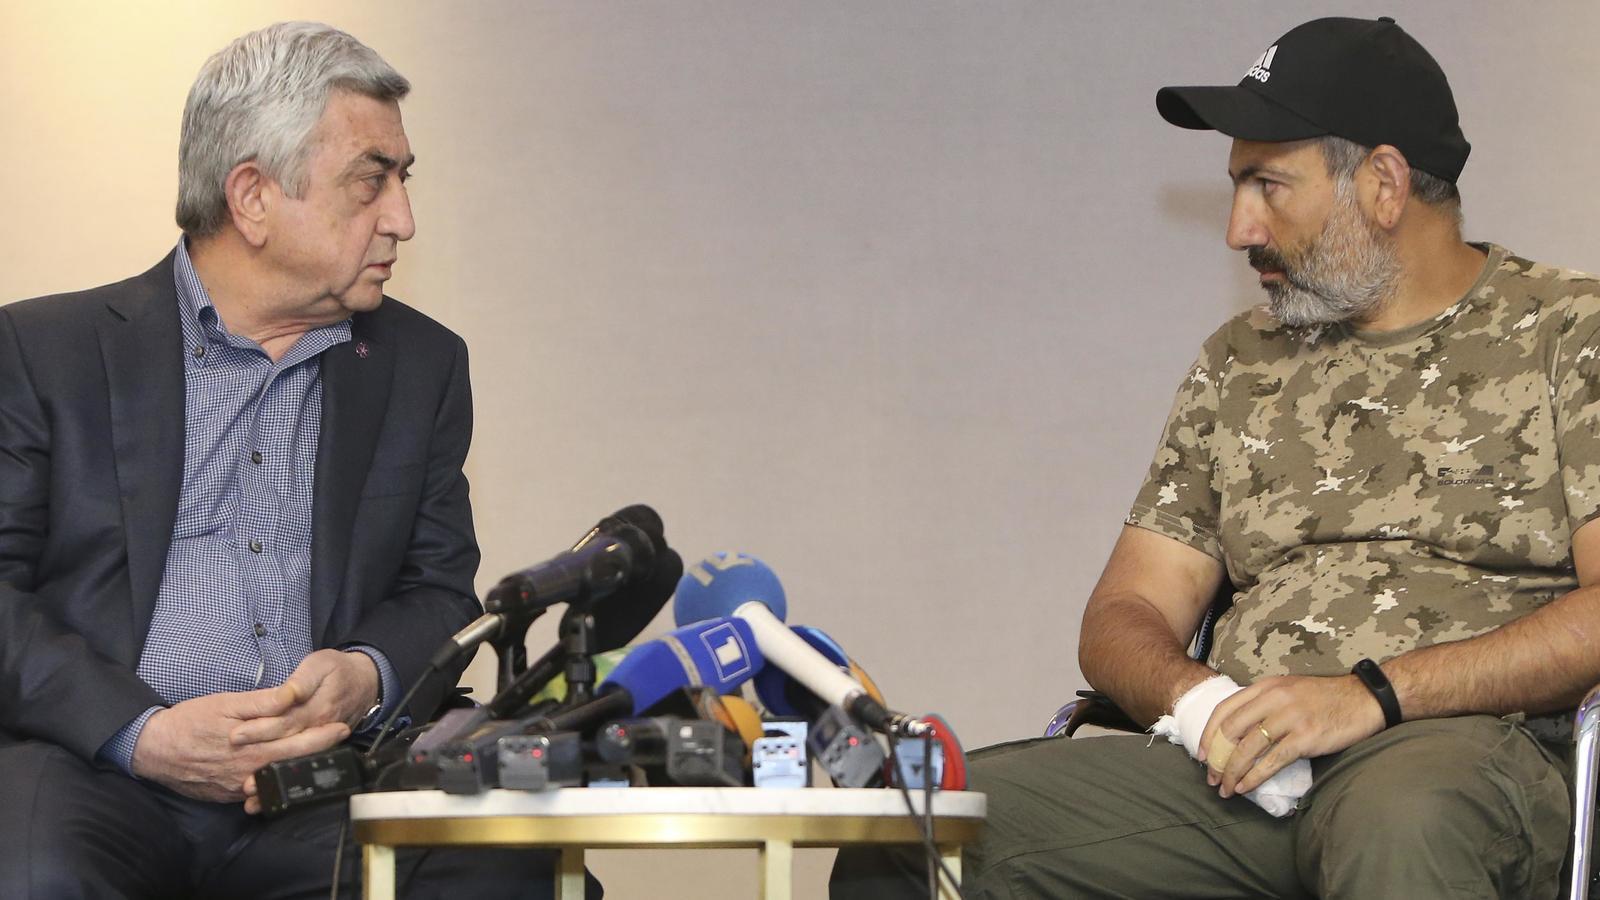 Sarksyan, a l'esquerra, conversa amb el diputat Pashinyan, en una reunió que ha fracassat.